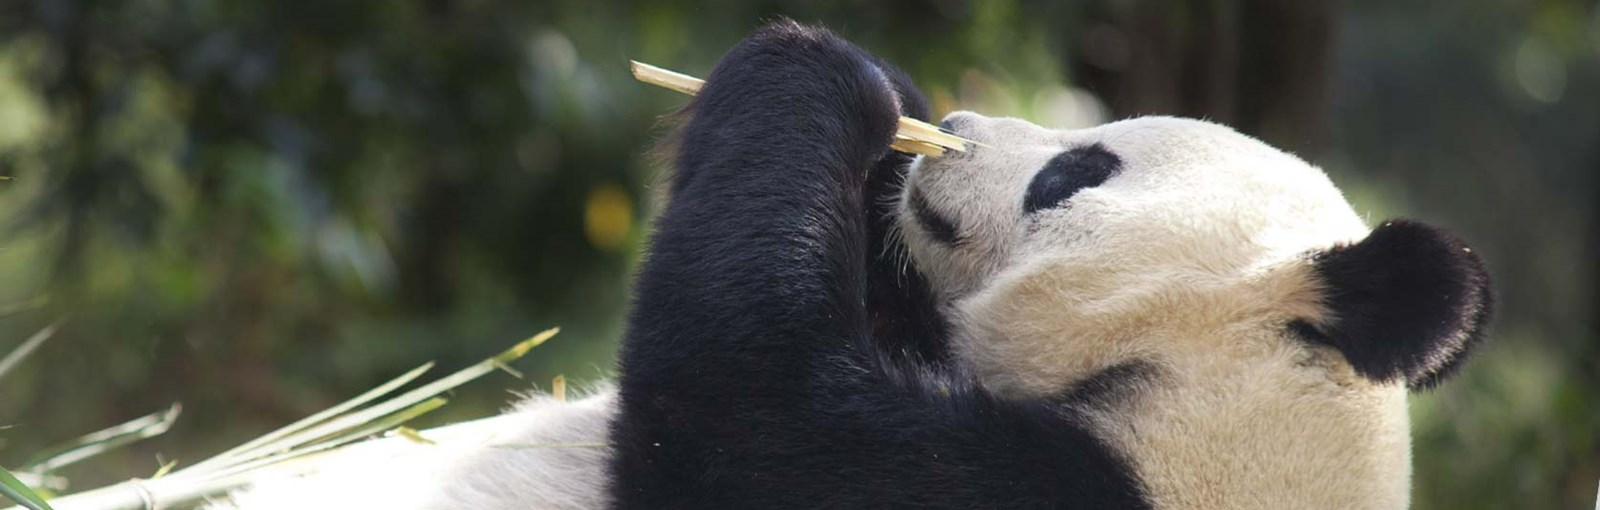 Edinburgh Zoo Live Panda Cam Edinburgh Zoo